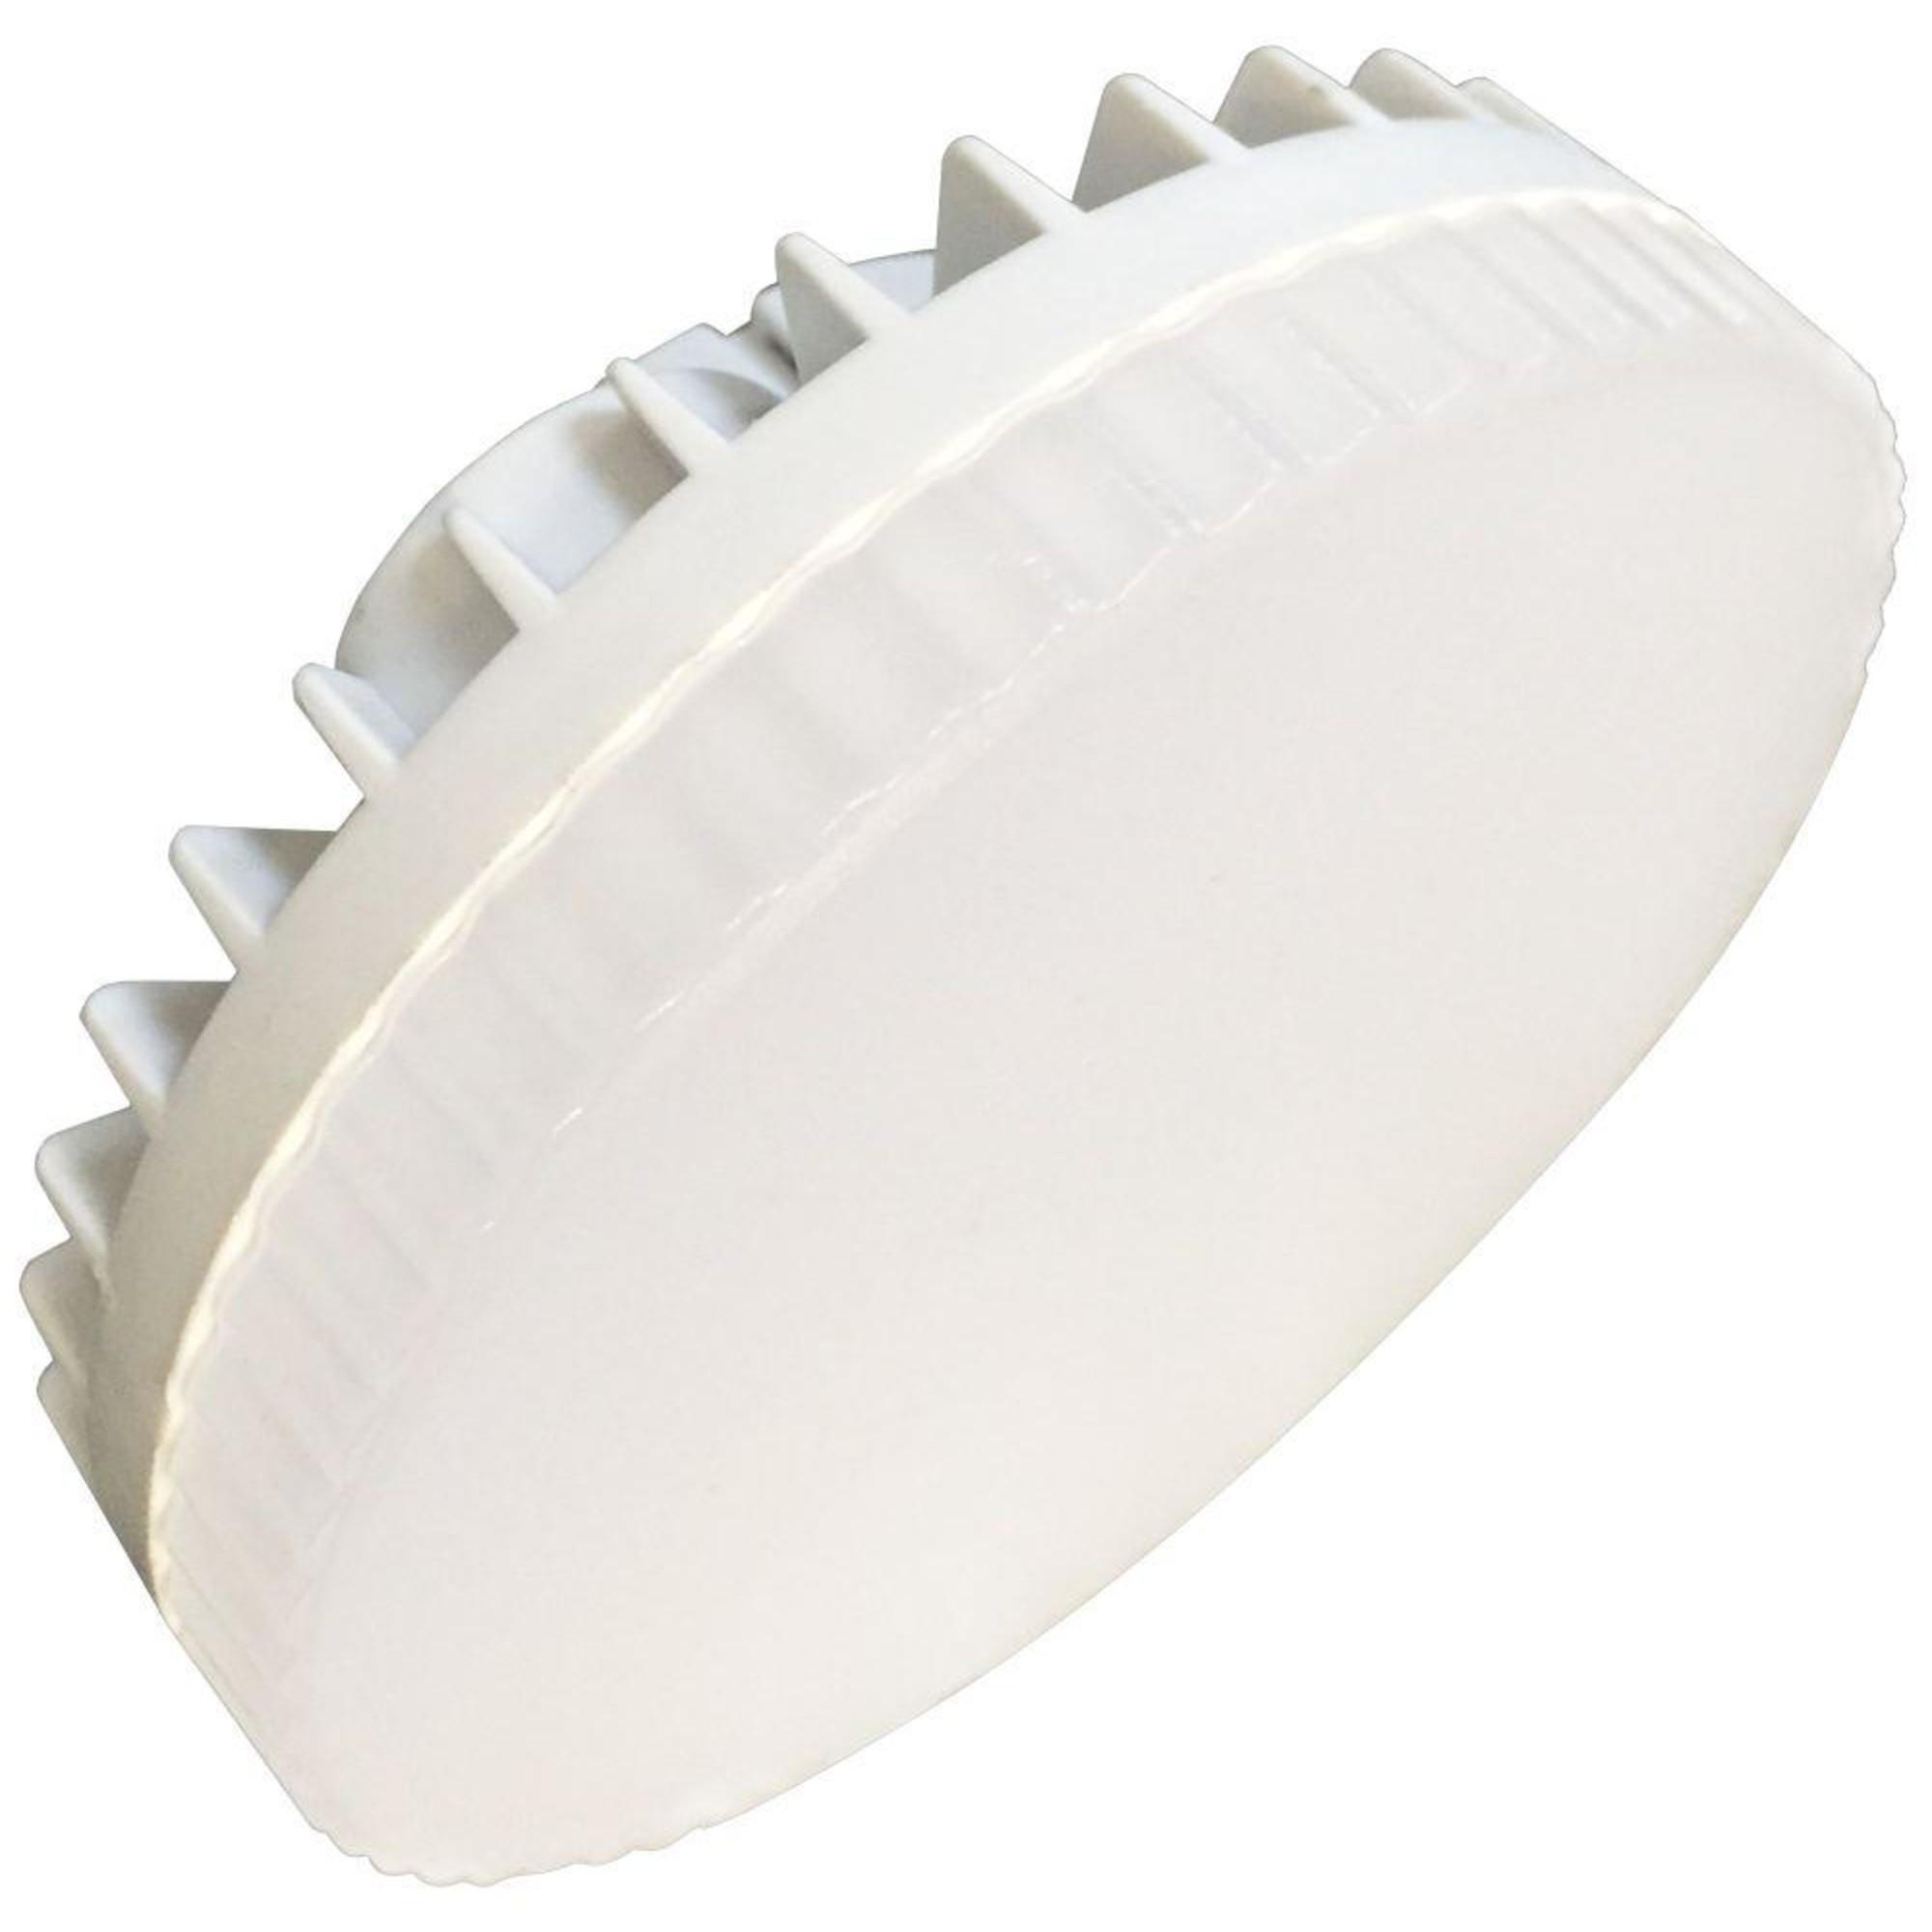 Лампа Ecola light светодионая GX53 11.50 Вт таблетка 810 Лм нейтральный свет